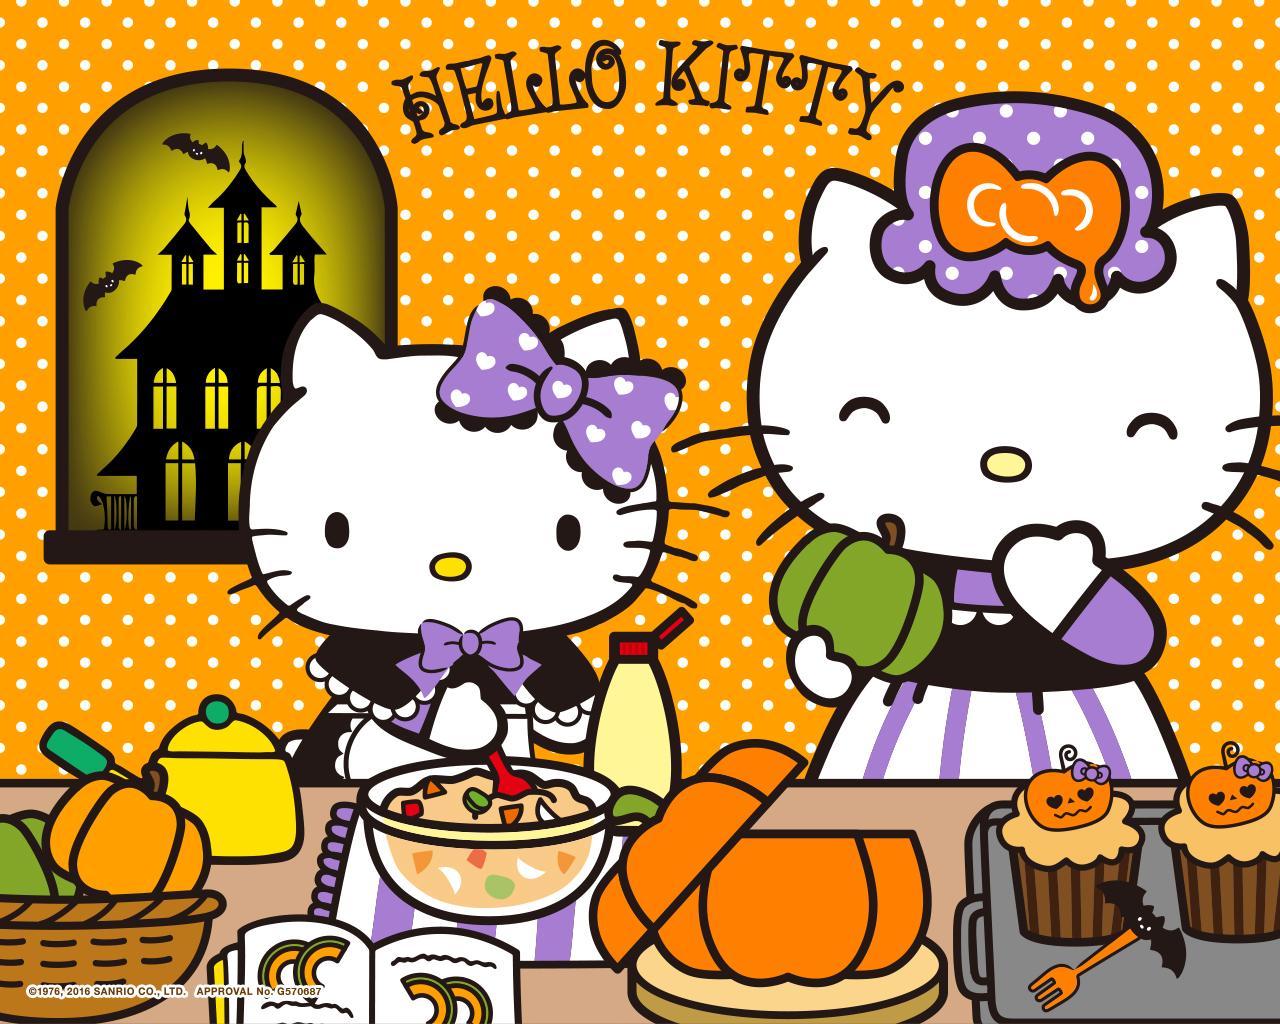 味の素kk ピュアセレクト キティと一緒に楽しいハロウィン